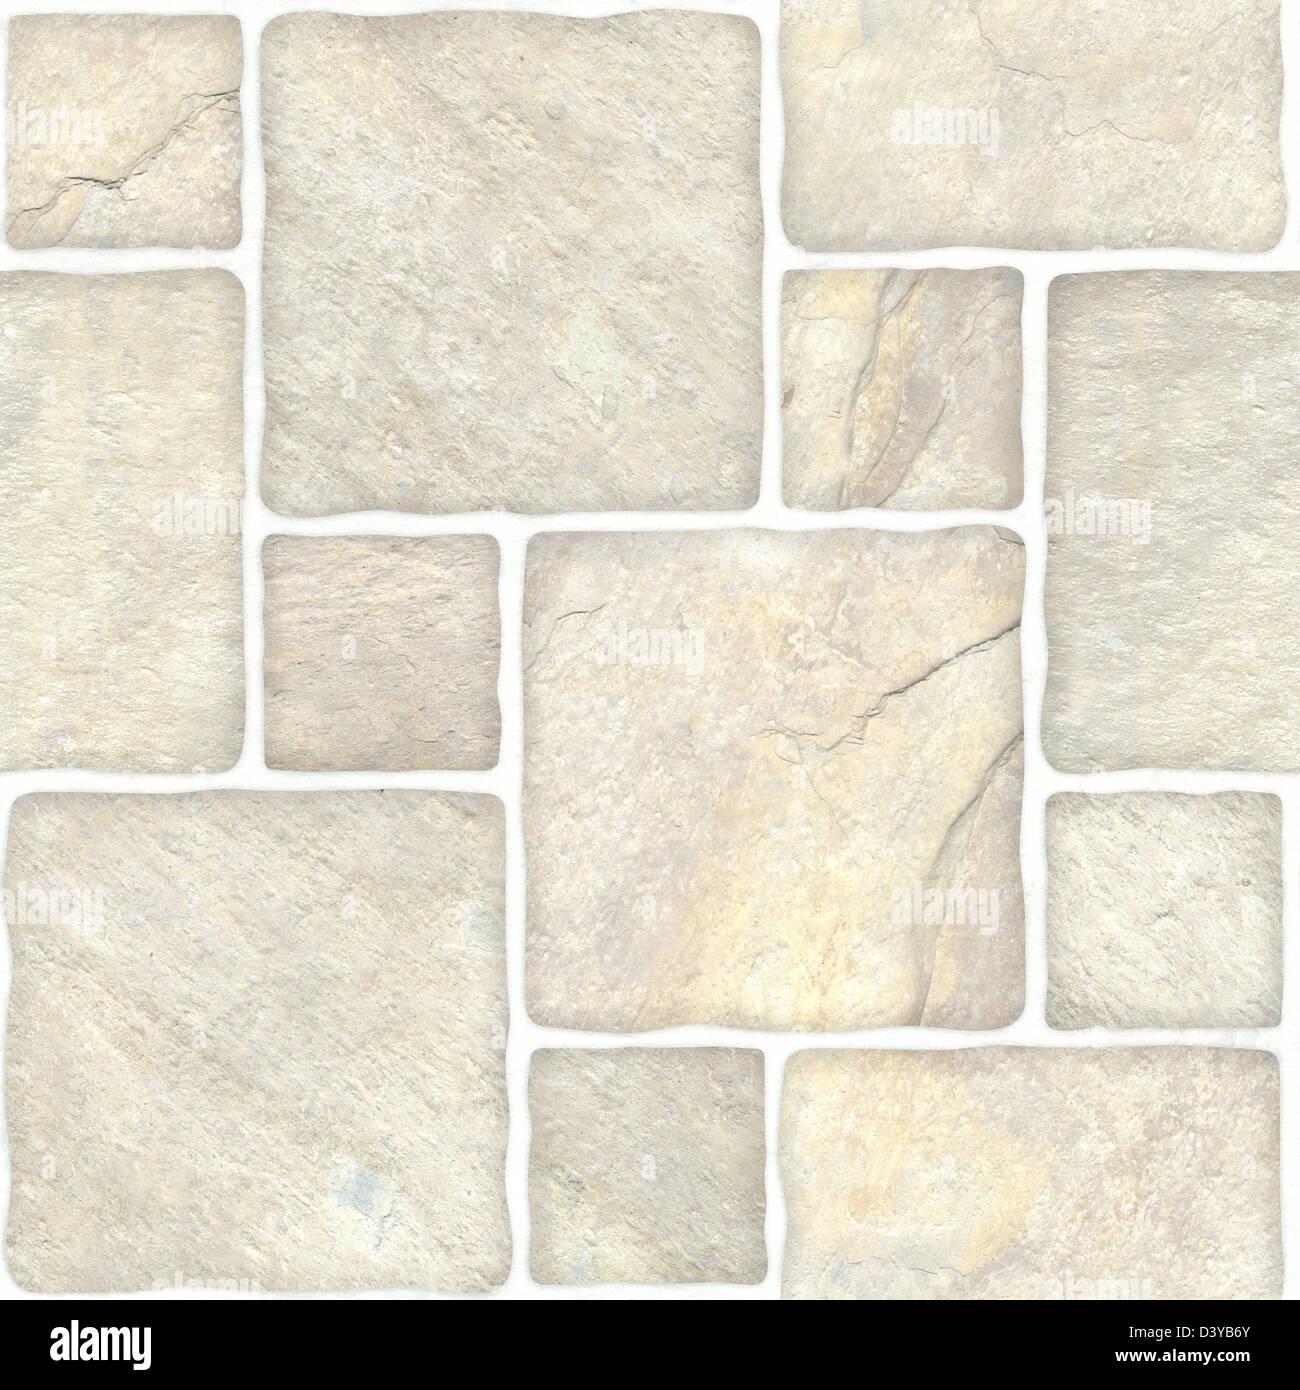 Ceramic Tile Texture Beige Mosaic Stock Photos Ceramic Tile